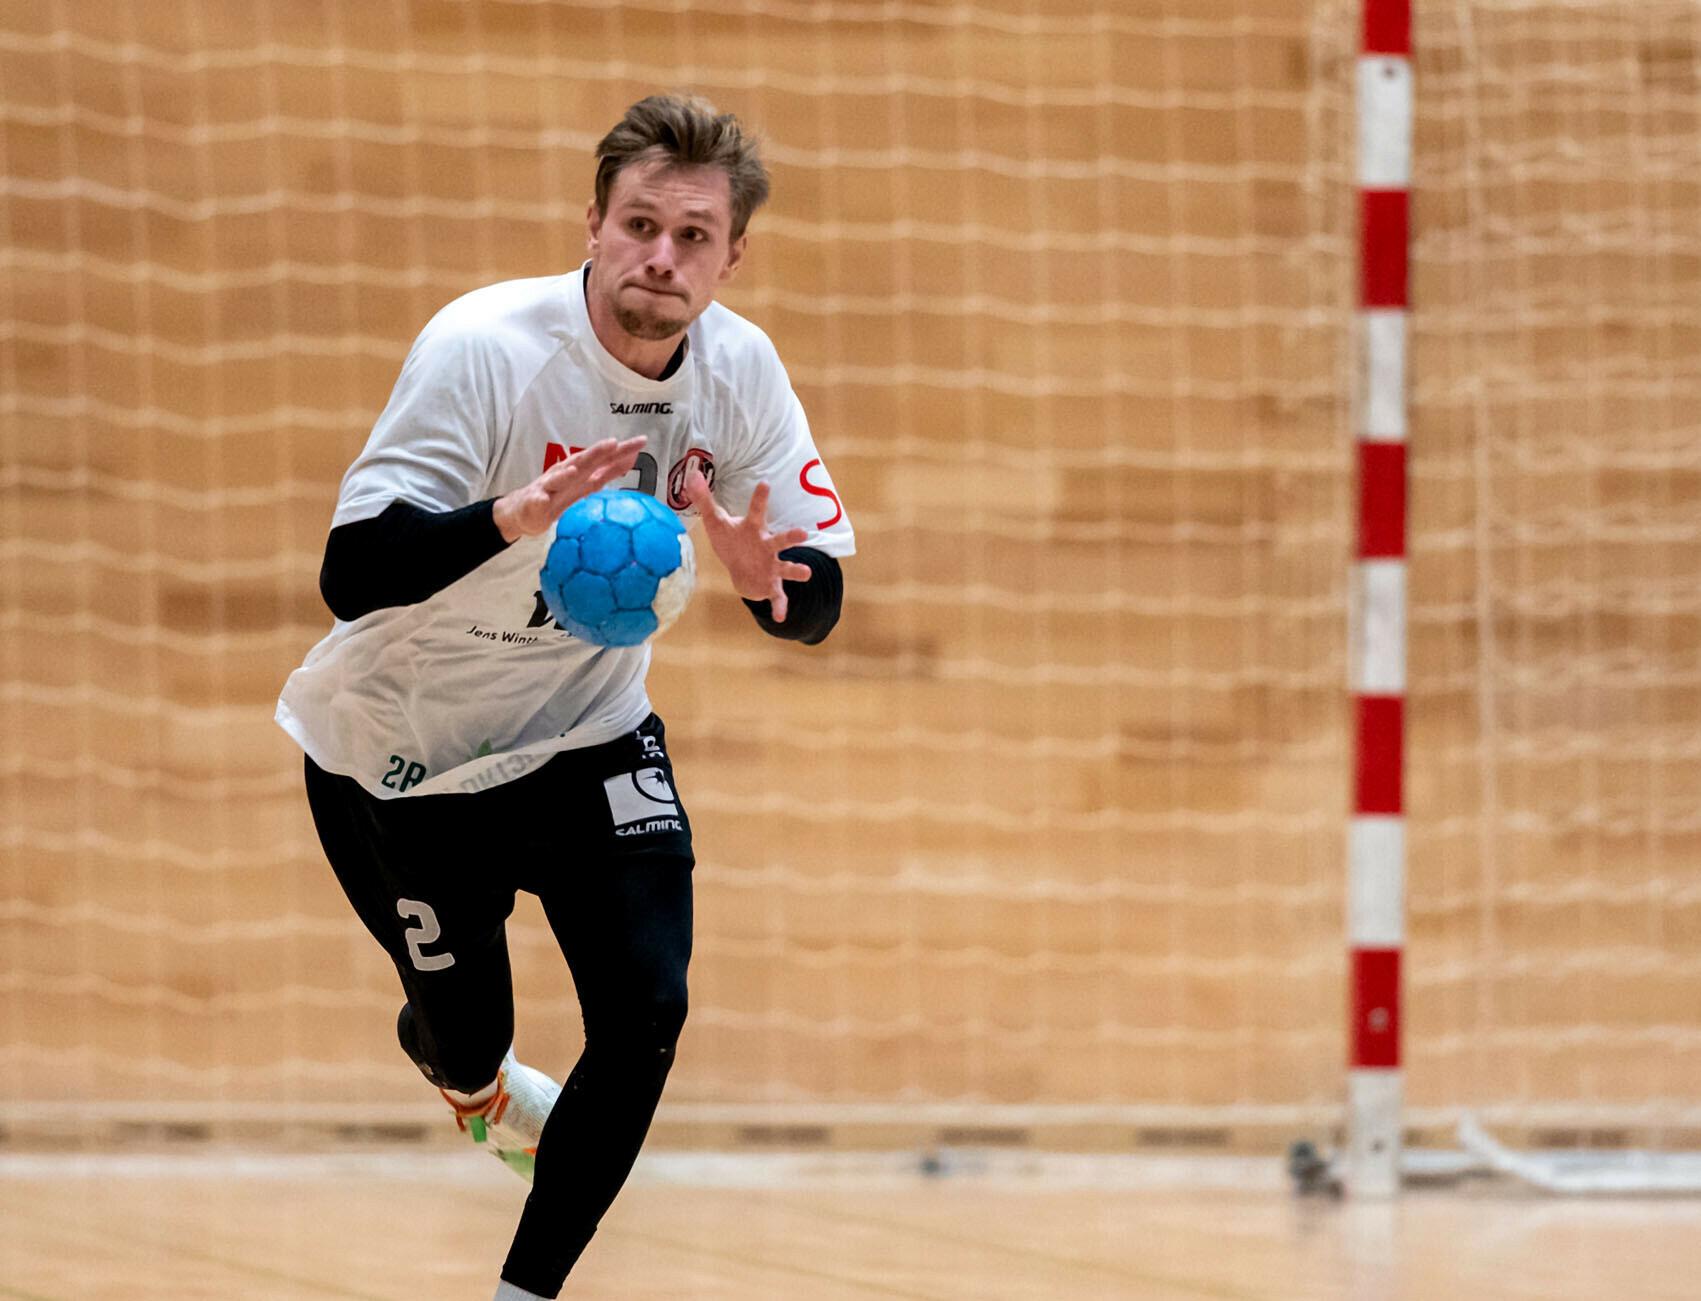 alexander-hansen-med-bolden